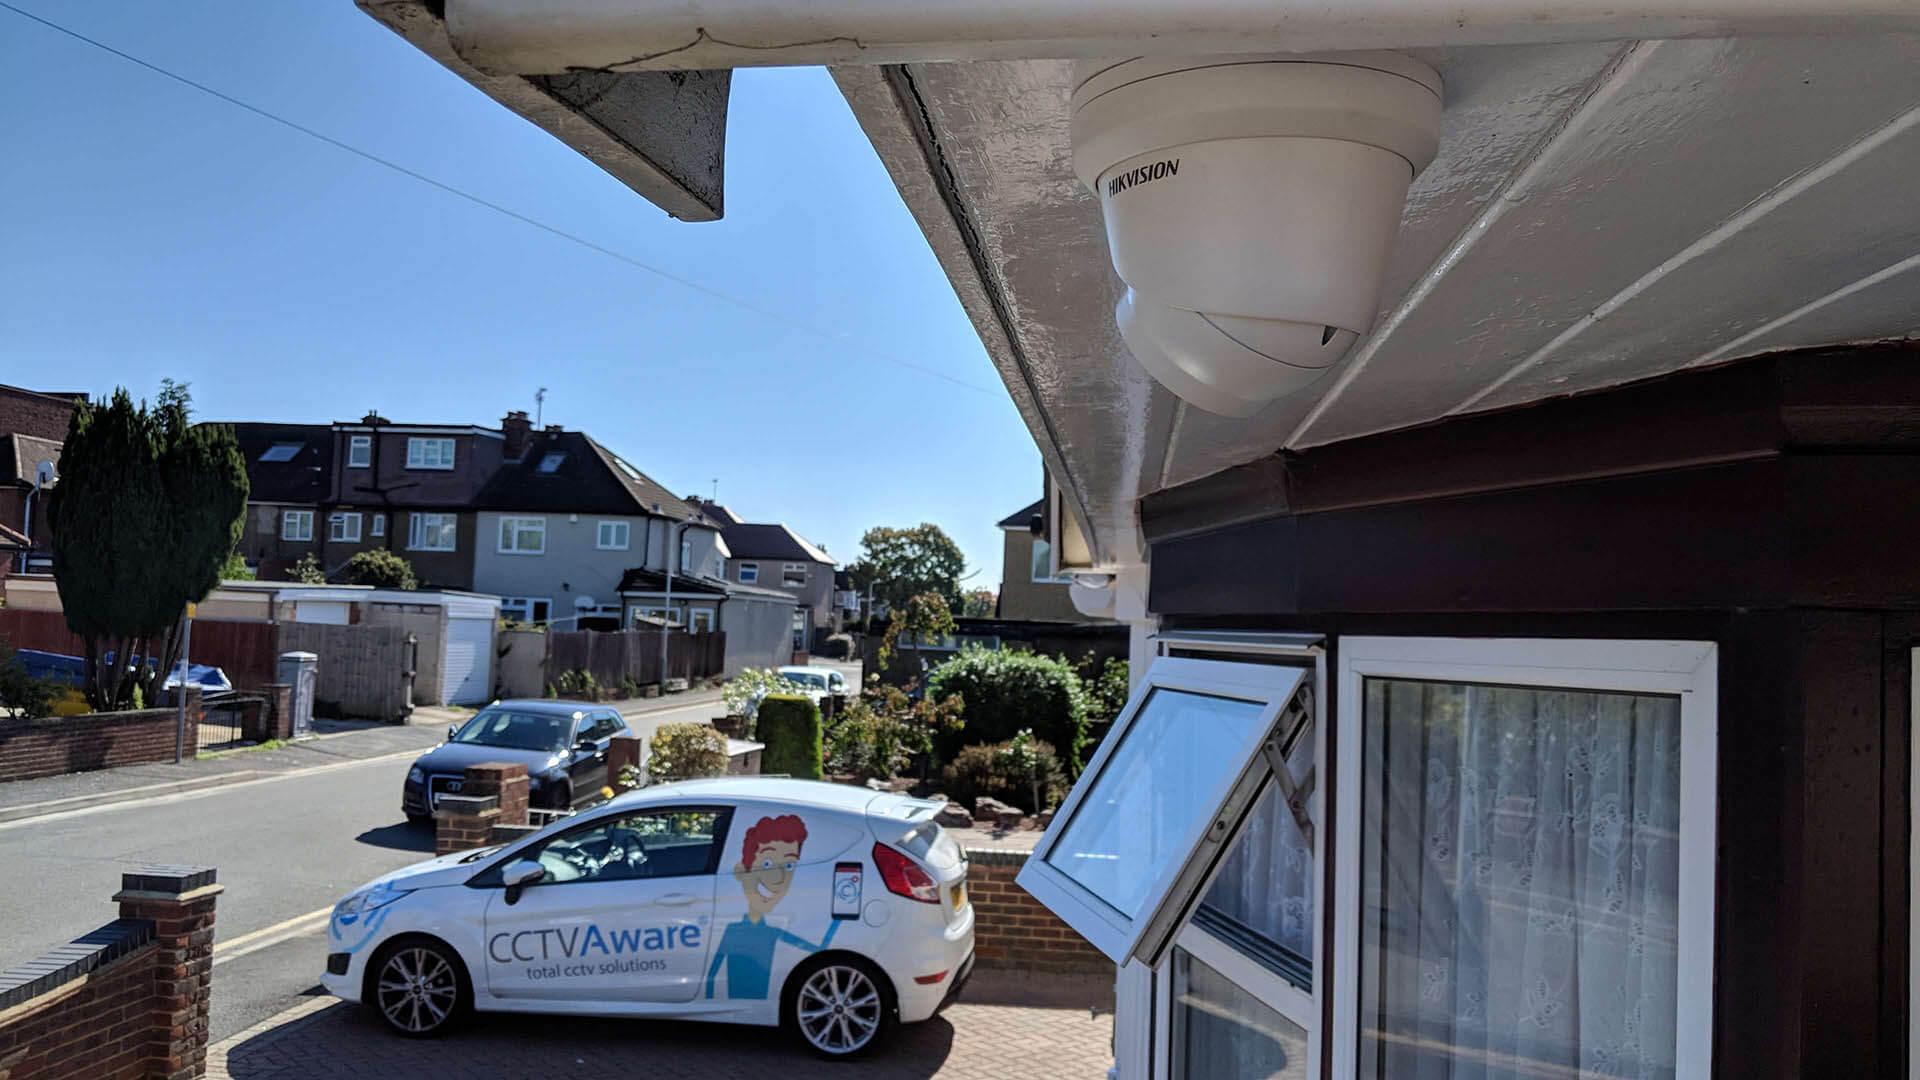 CCTV Installation in Ruislip